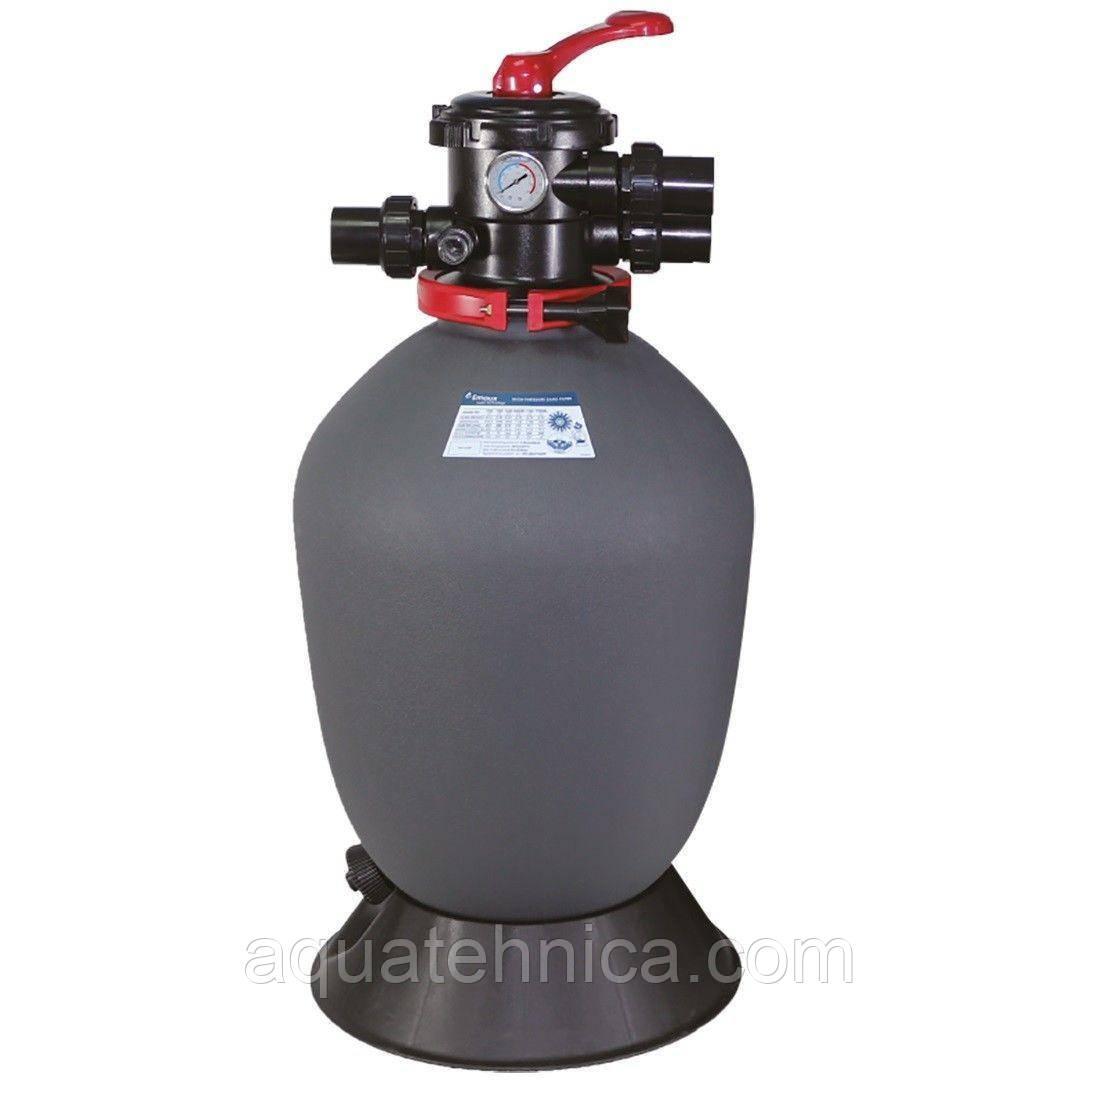 Фильтр песочный для бассейна Emaux T700 Volumetric (19.5 м³/час)